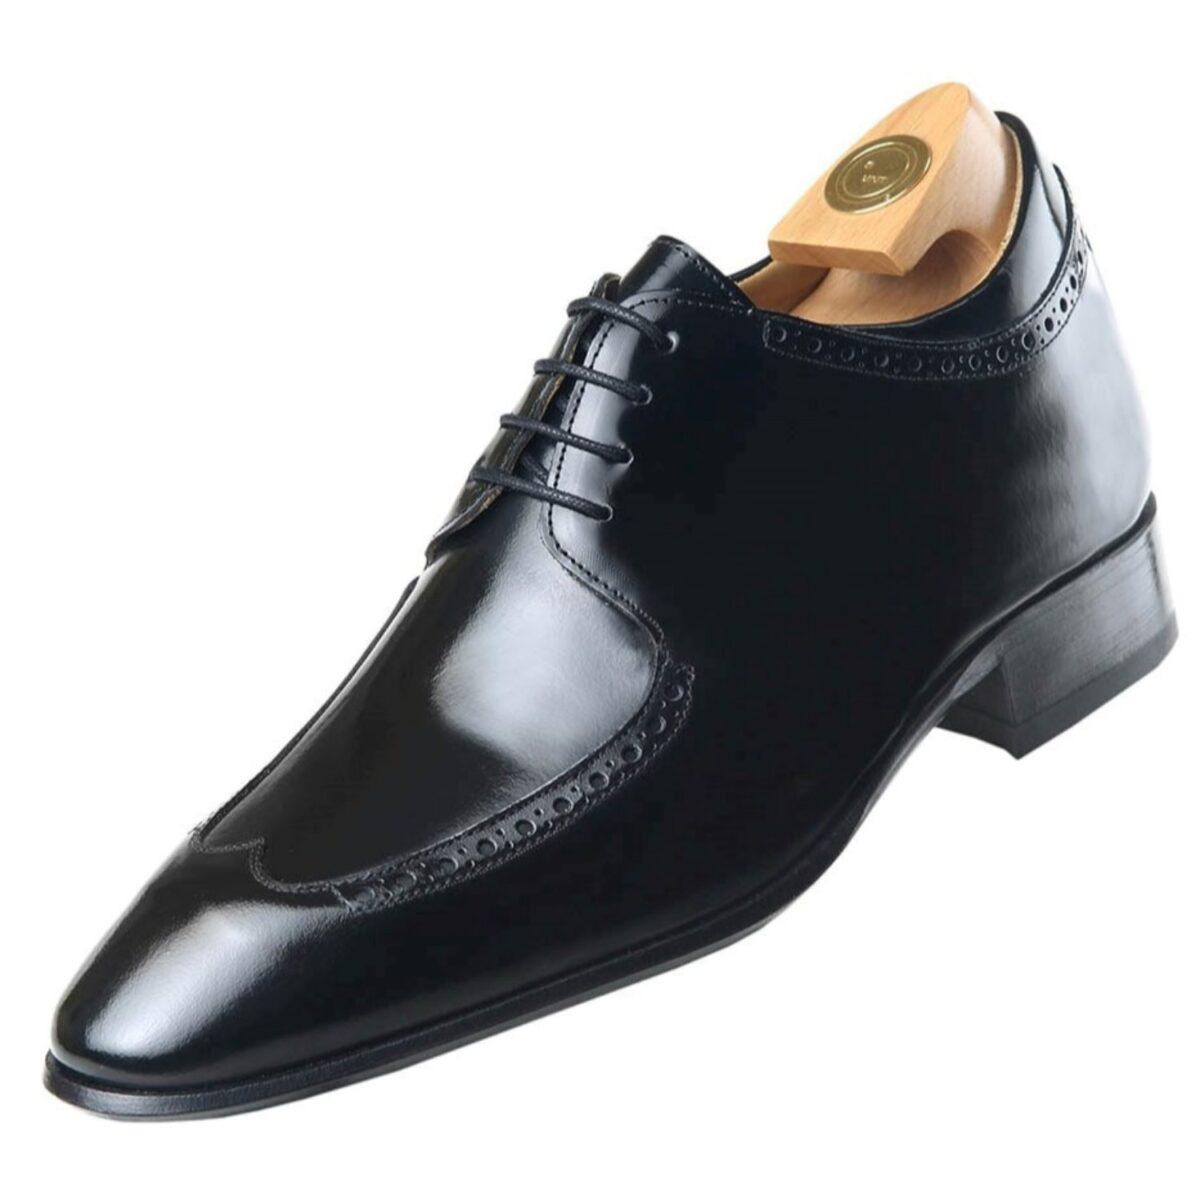 Zapatos con Alzas modelo 8607 Nc - HiPlus